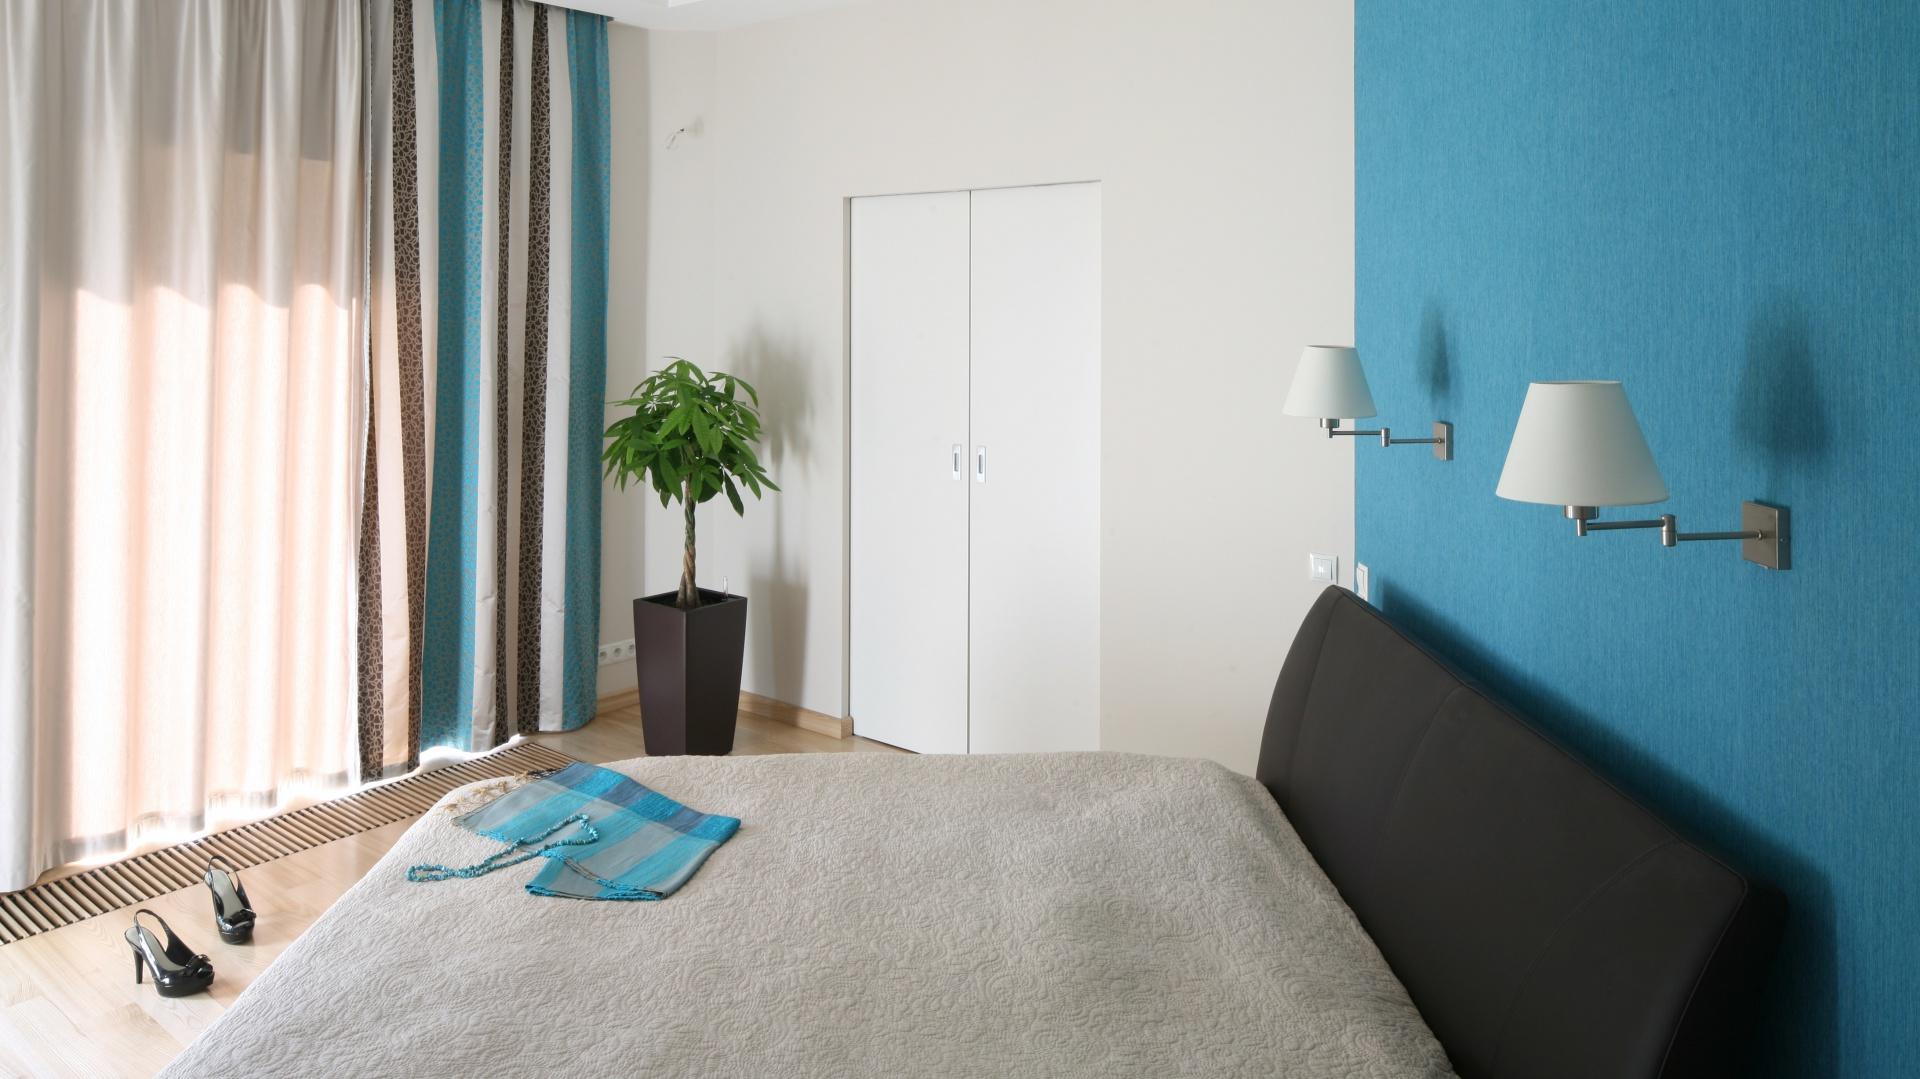 Zasłony w pionowe pasy nawiązują kolorystycznie do stylistyki sypialni. Projekt: Monika i Adam Bronikowscy. Fot. Bartosz Jarosz.